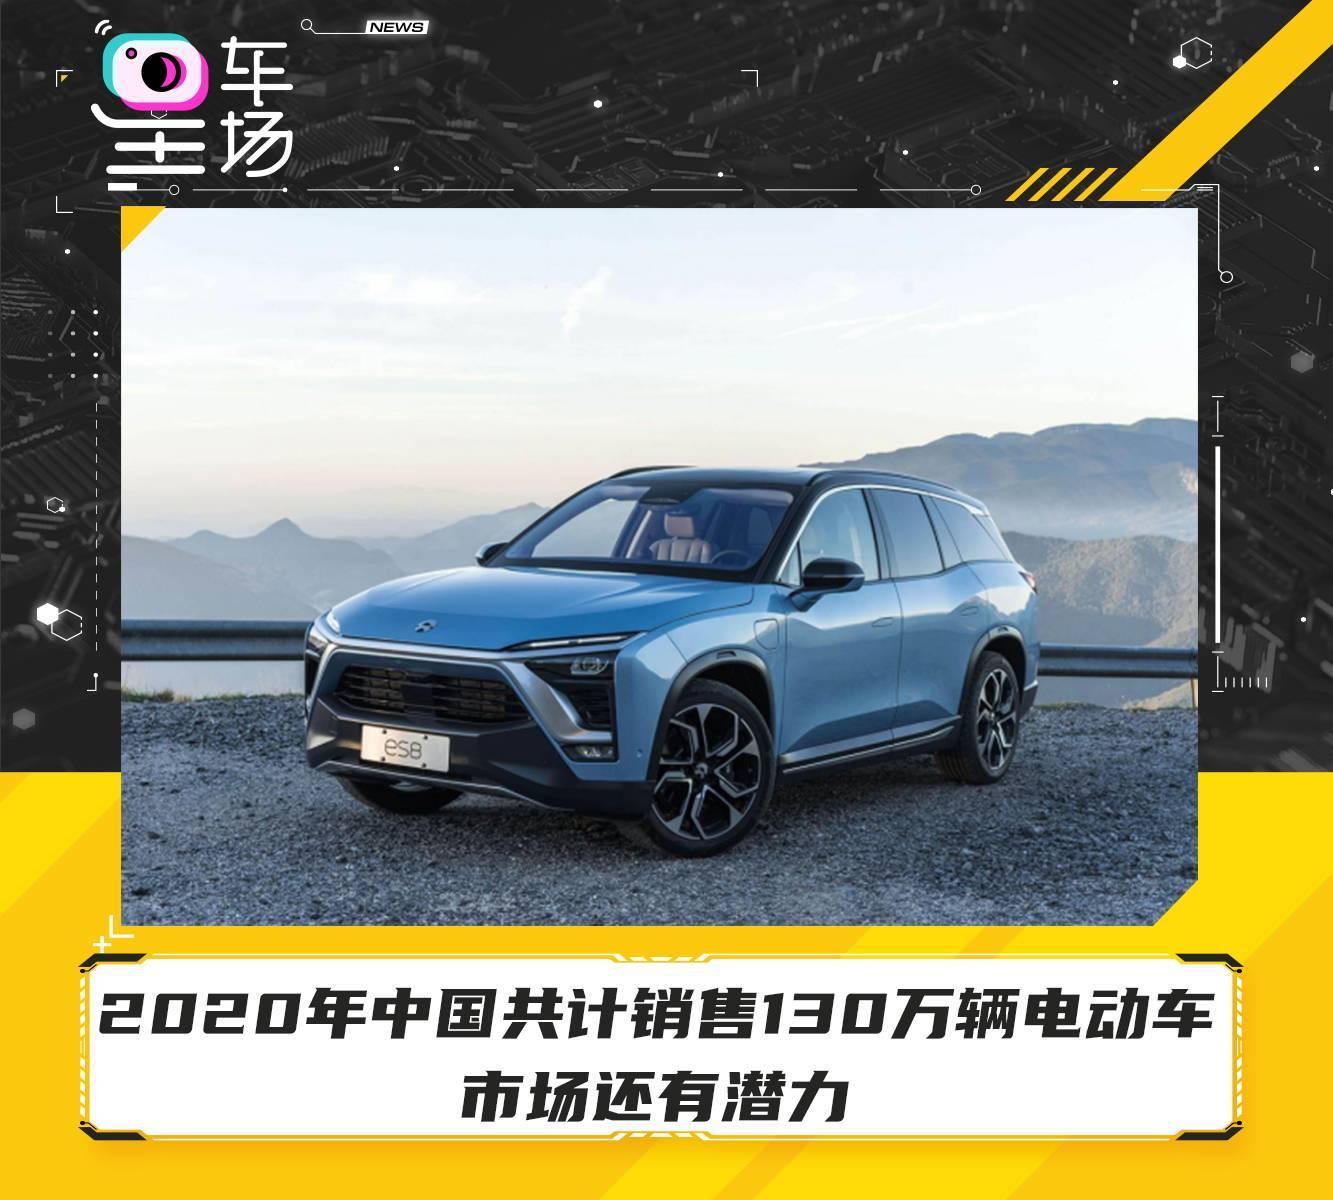 2020年中国共计销售130万辆电动车 市场还有潜力